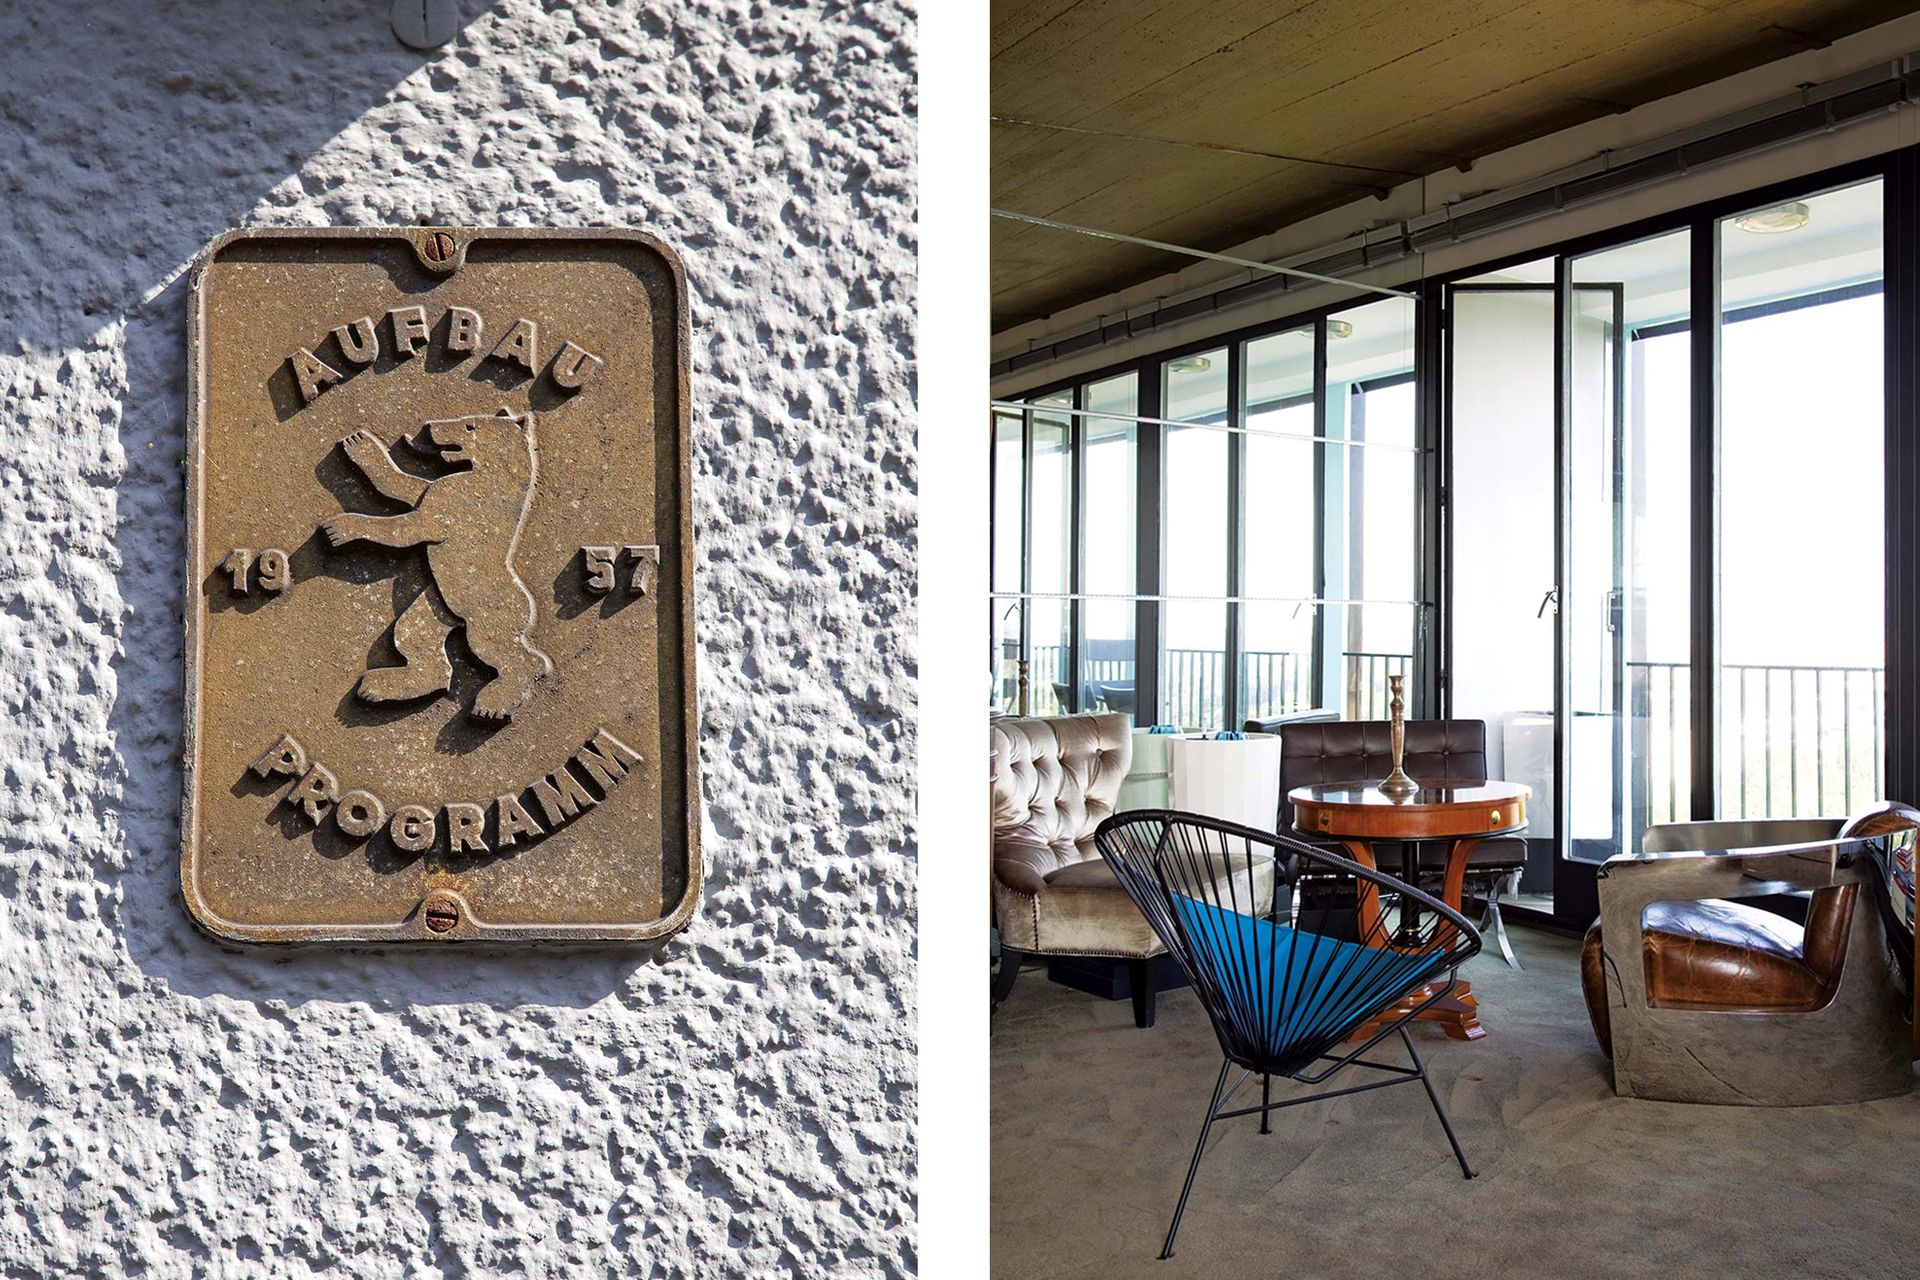 Harald quitó divisiones y cortinas para disfrutar la vista de su barrio de infancia, obra maestra de la arquitectura modernista que hoy está protegida en su totalidad como monumento histórico.